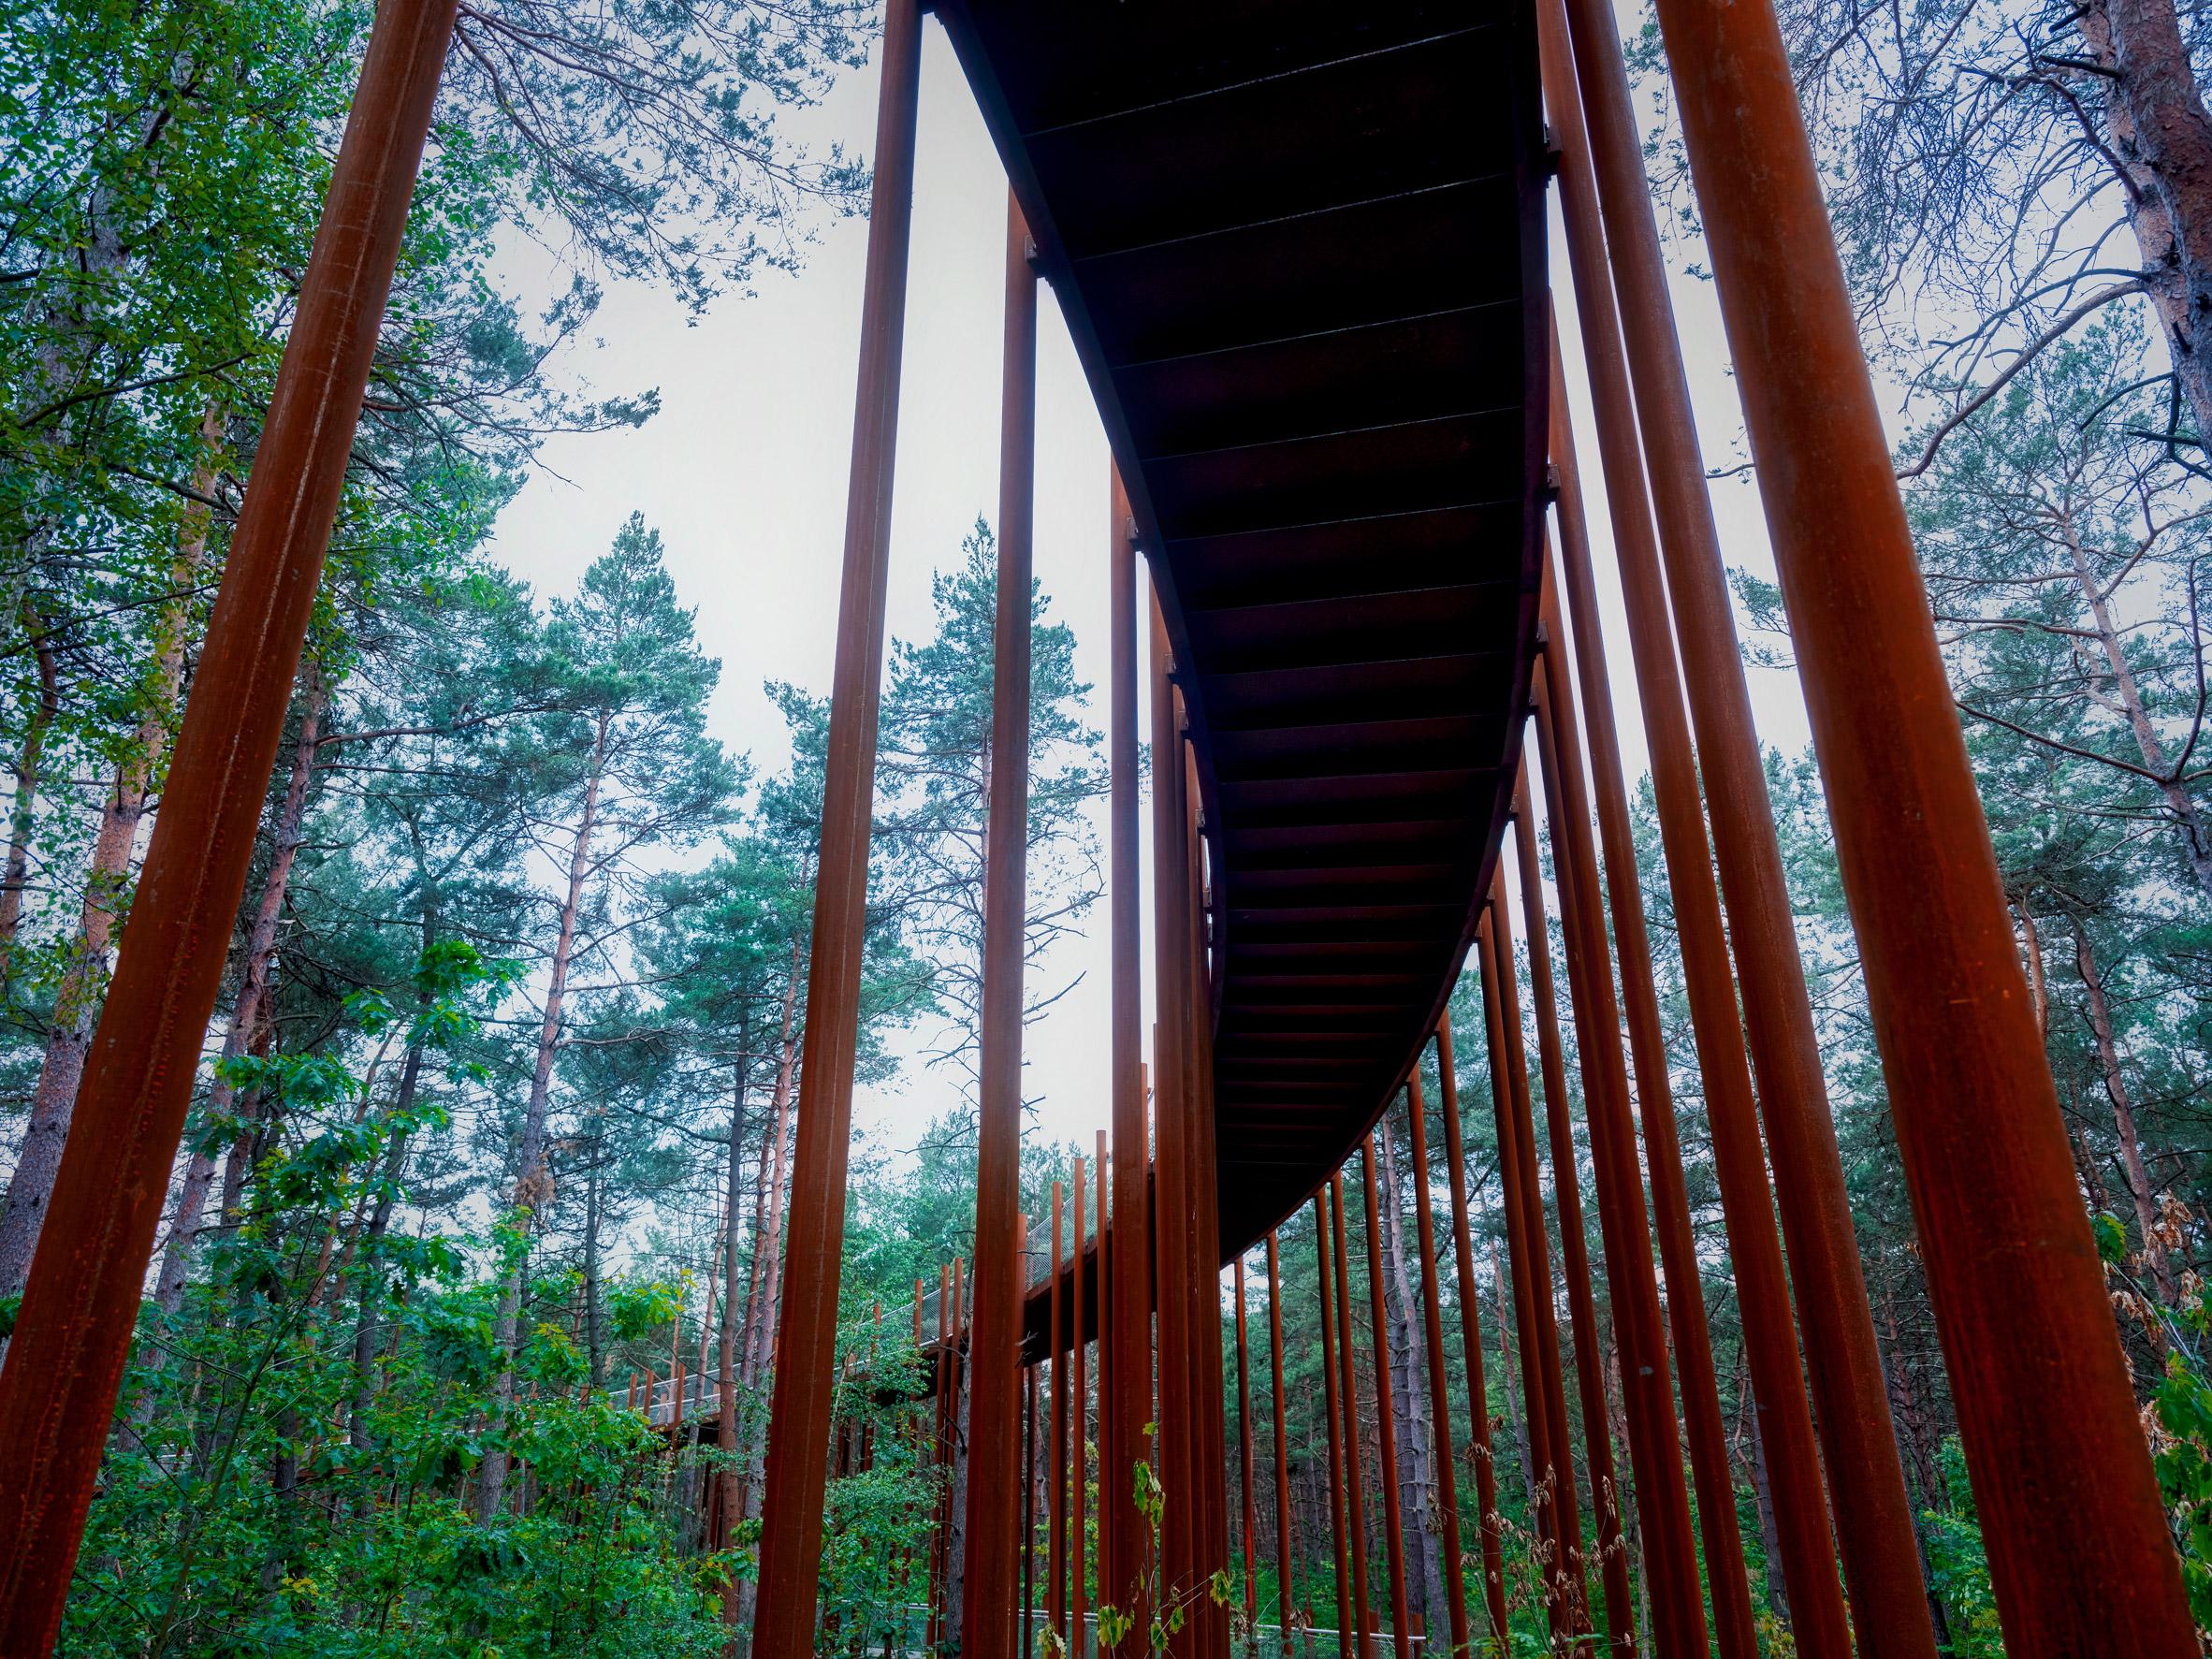 Бельгійські архітектори проклали веломаршрут між верхівками дерев: фото